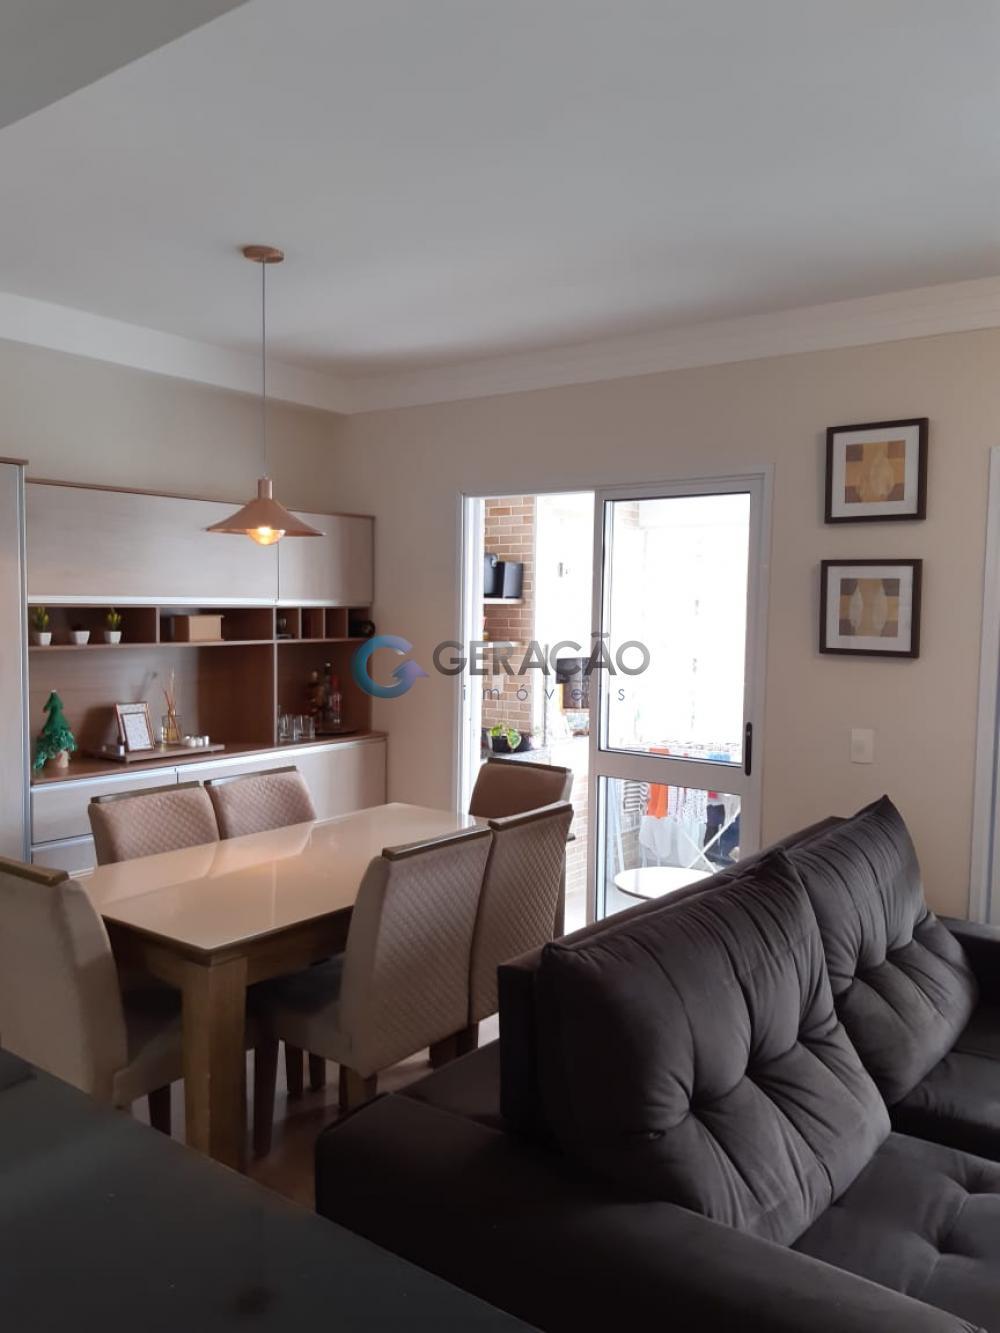 Comprar Apartamento / Padrão em São José dos Campos apenas R$ 450.000,00 - Foto 13